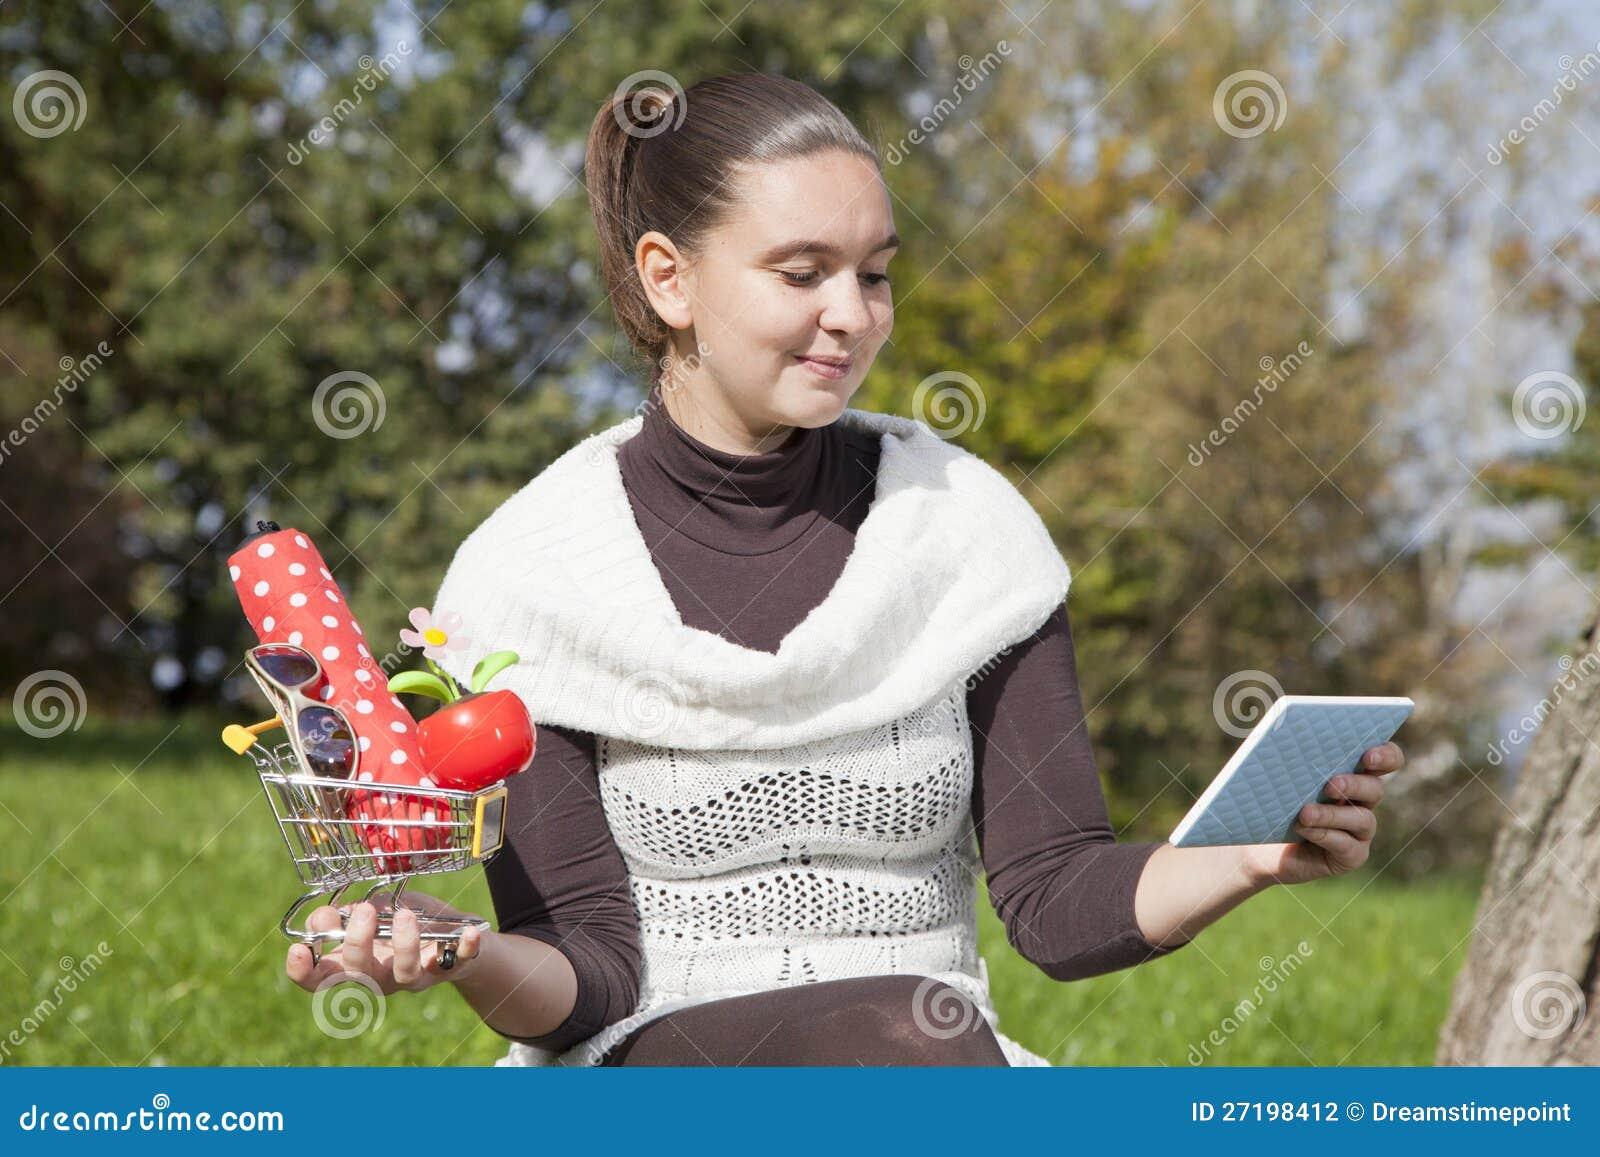 La fille mignonne pense au système en ligne